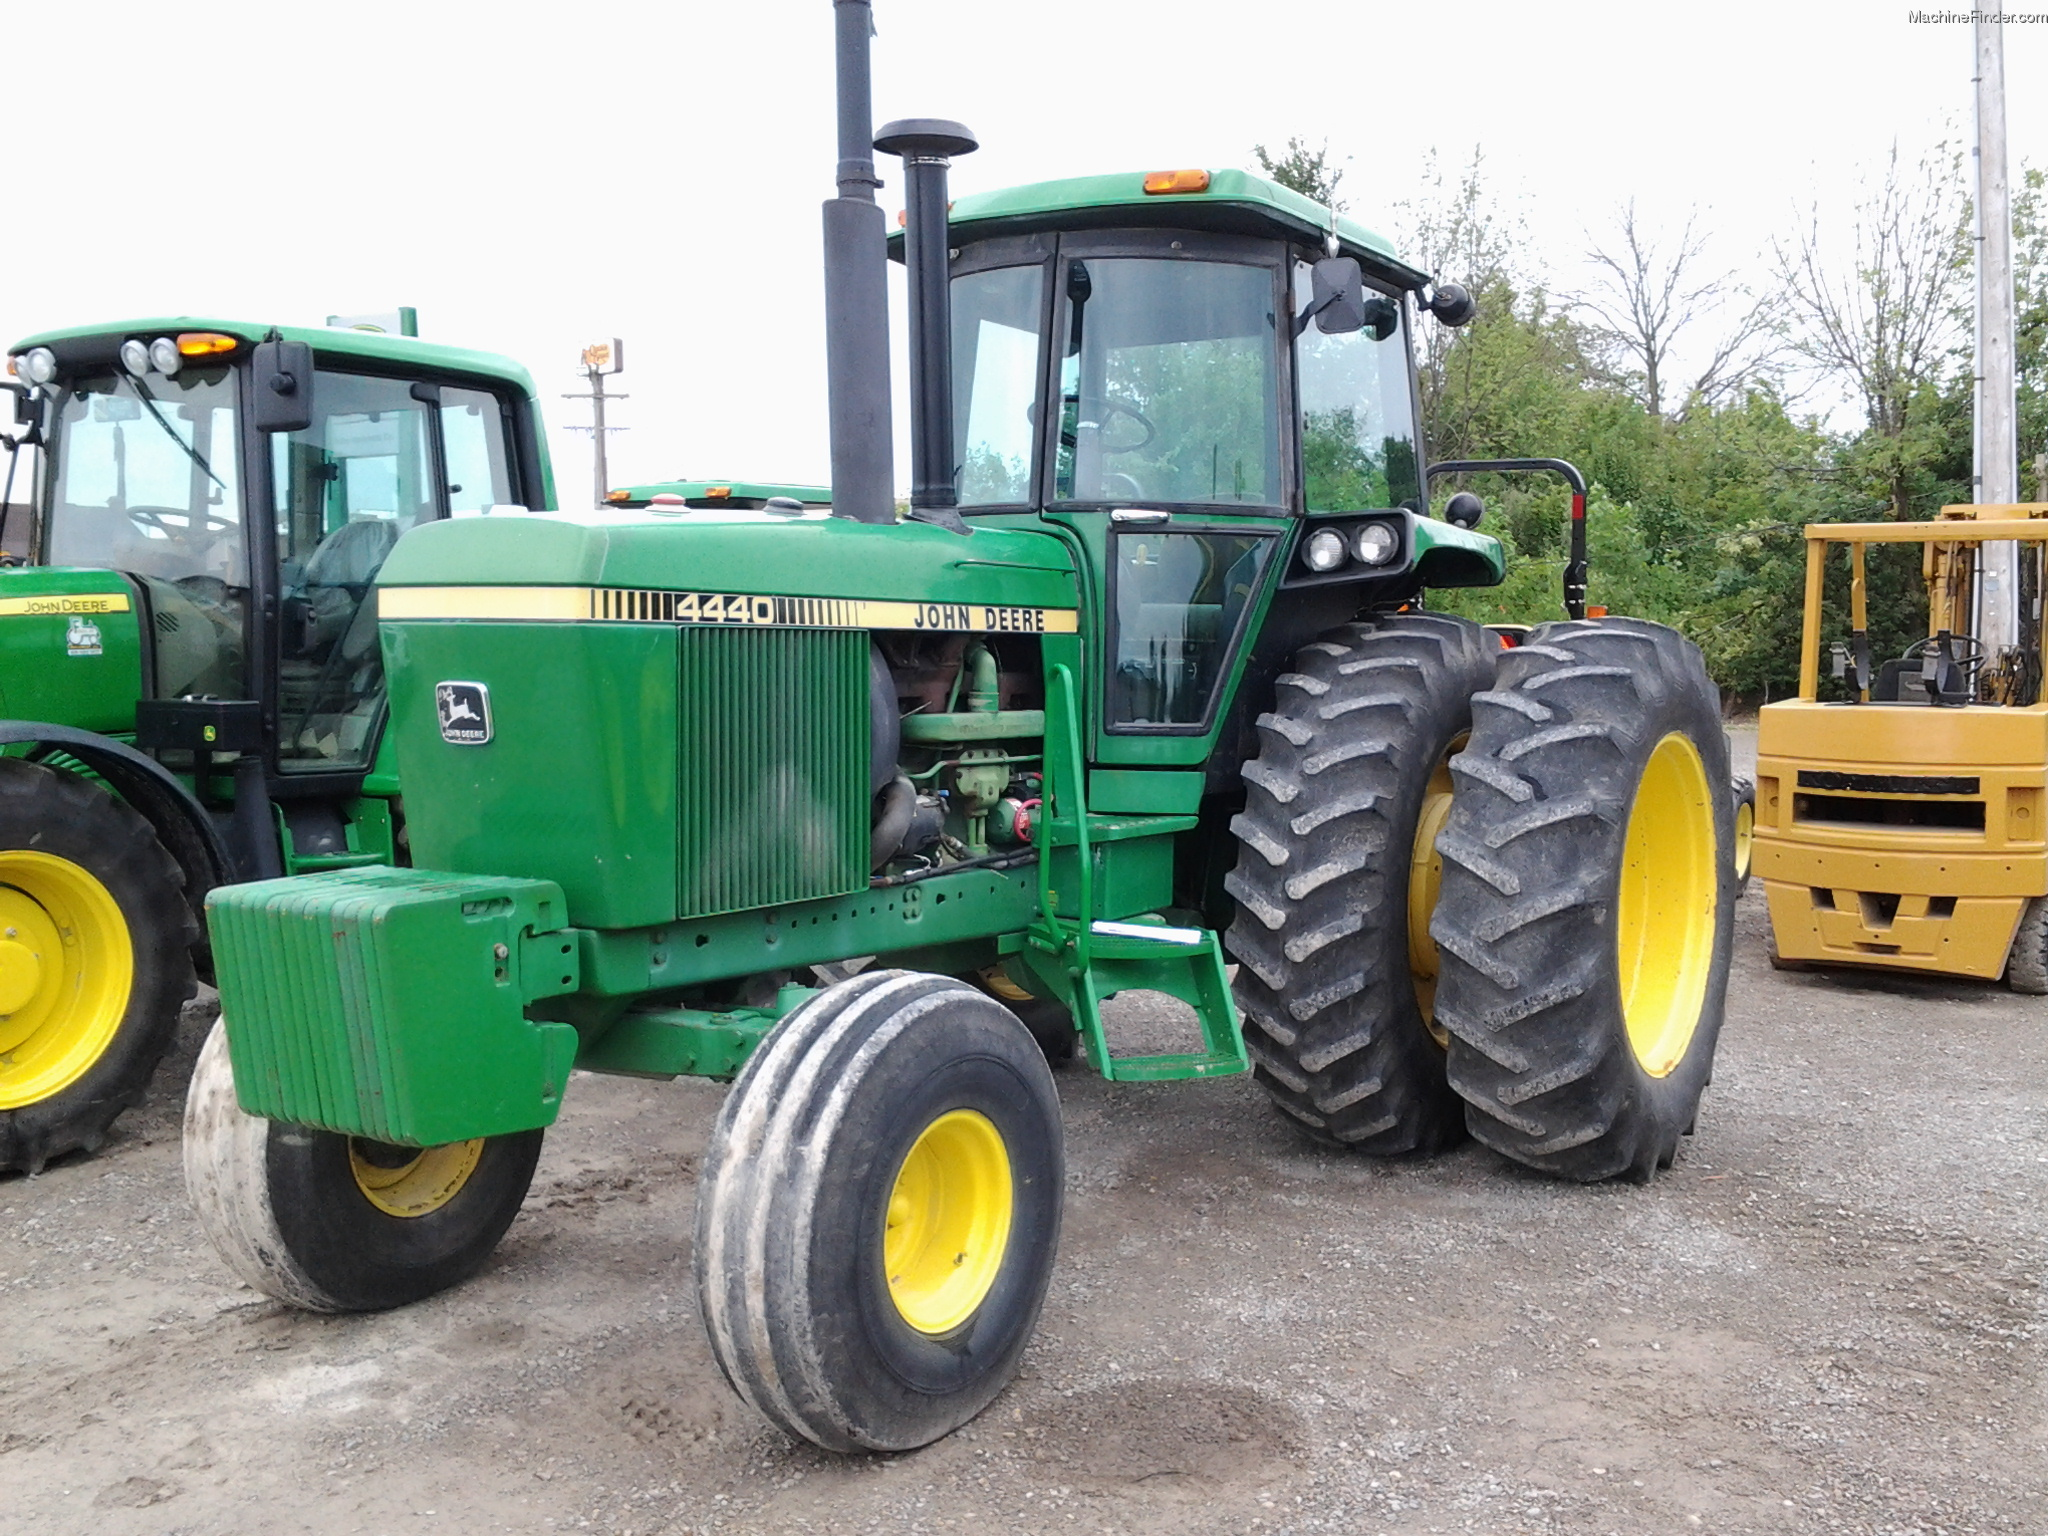 John Deere 4440 Tractors - Row Crop (+100hp) - John Deere ...